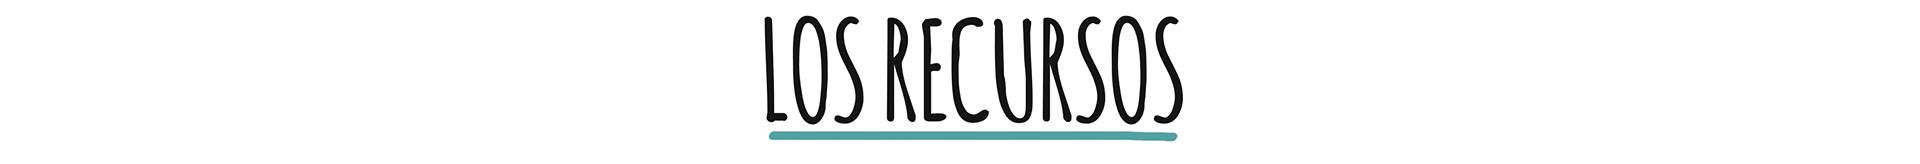 los-recursos.jpg